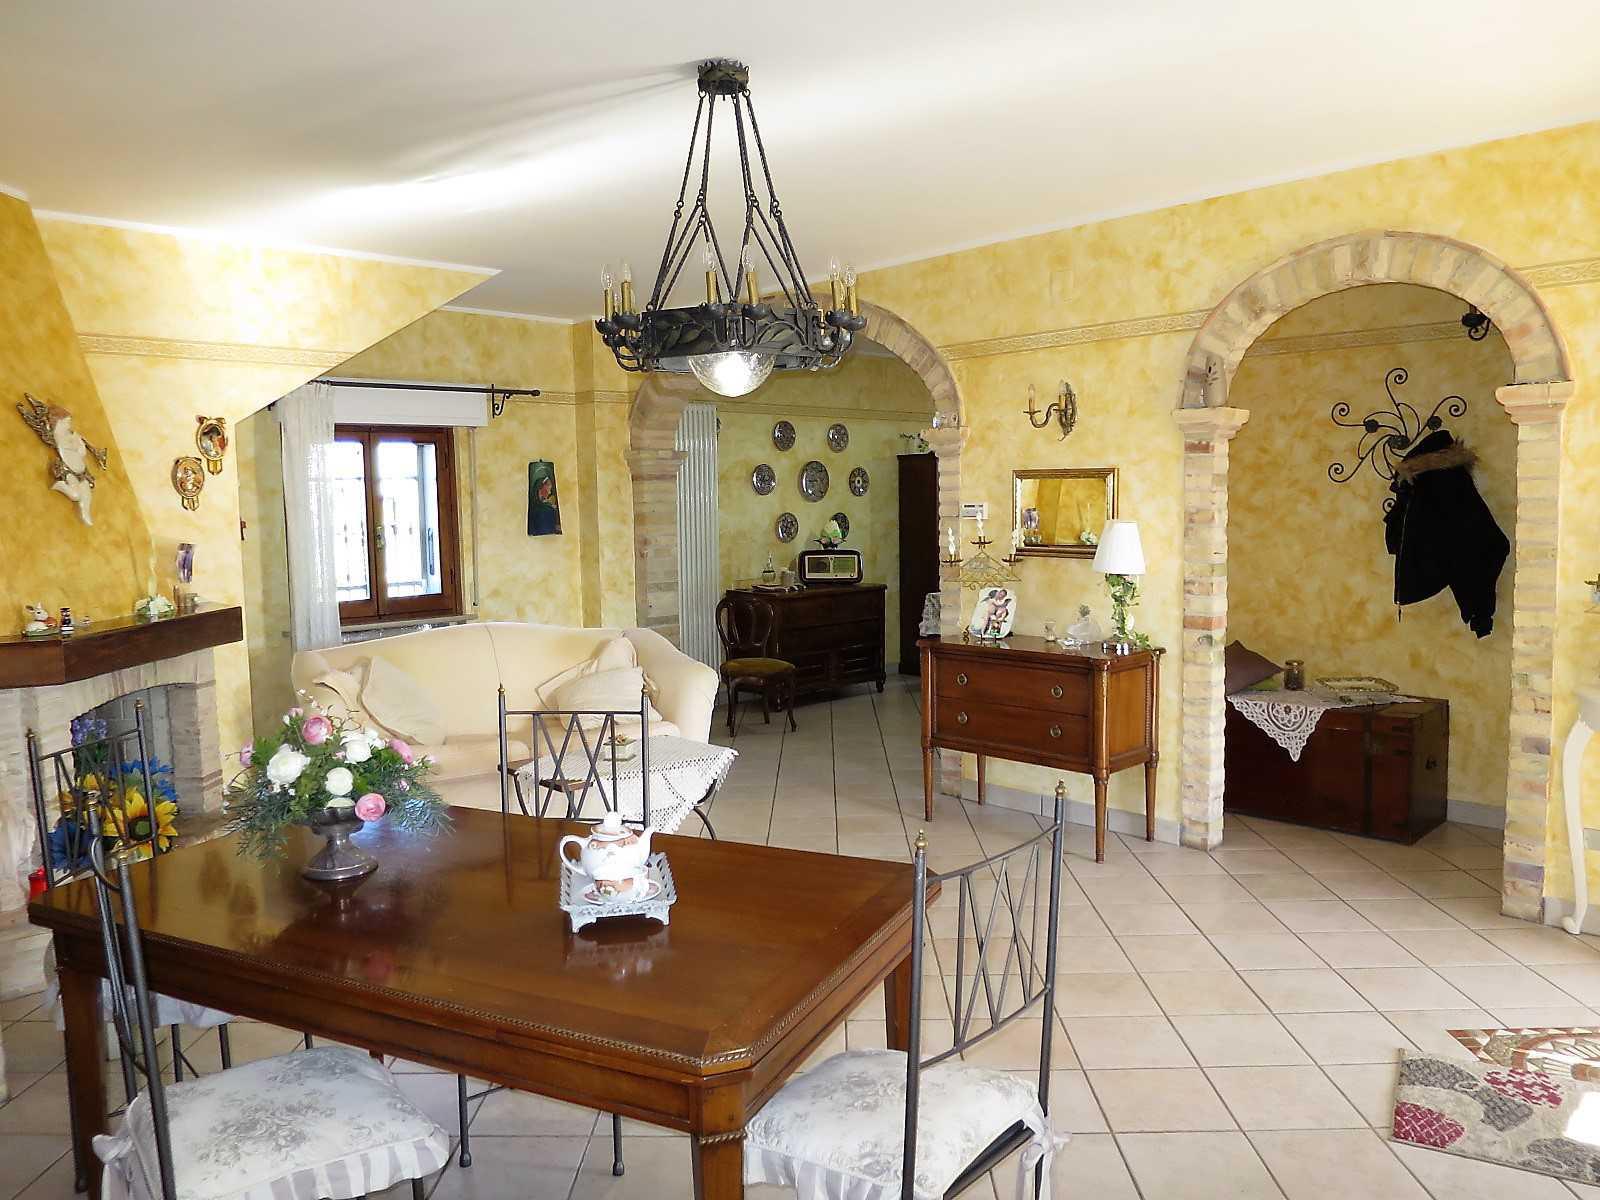 Villa Villa in vendita Notaresco (TE), Villa Vigneto - Notaresco - EUR 382.044 330